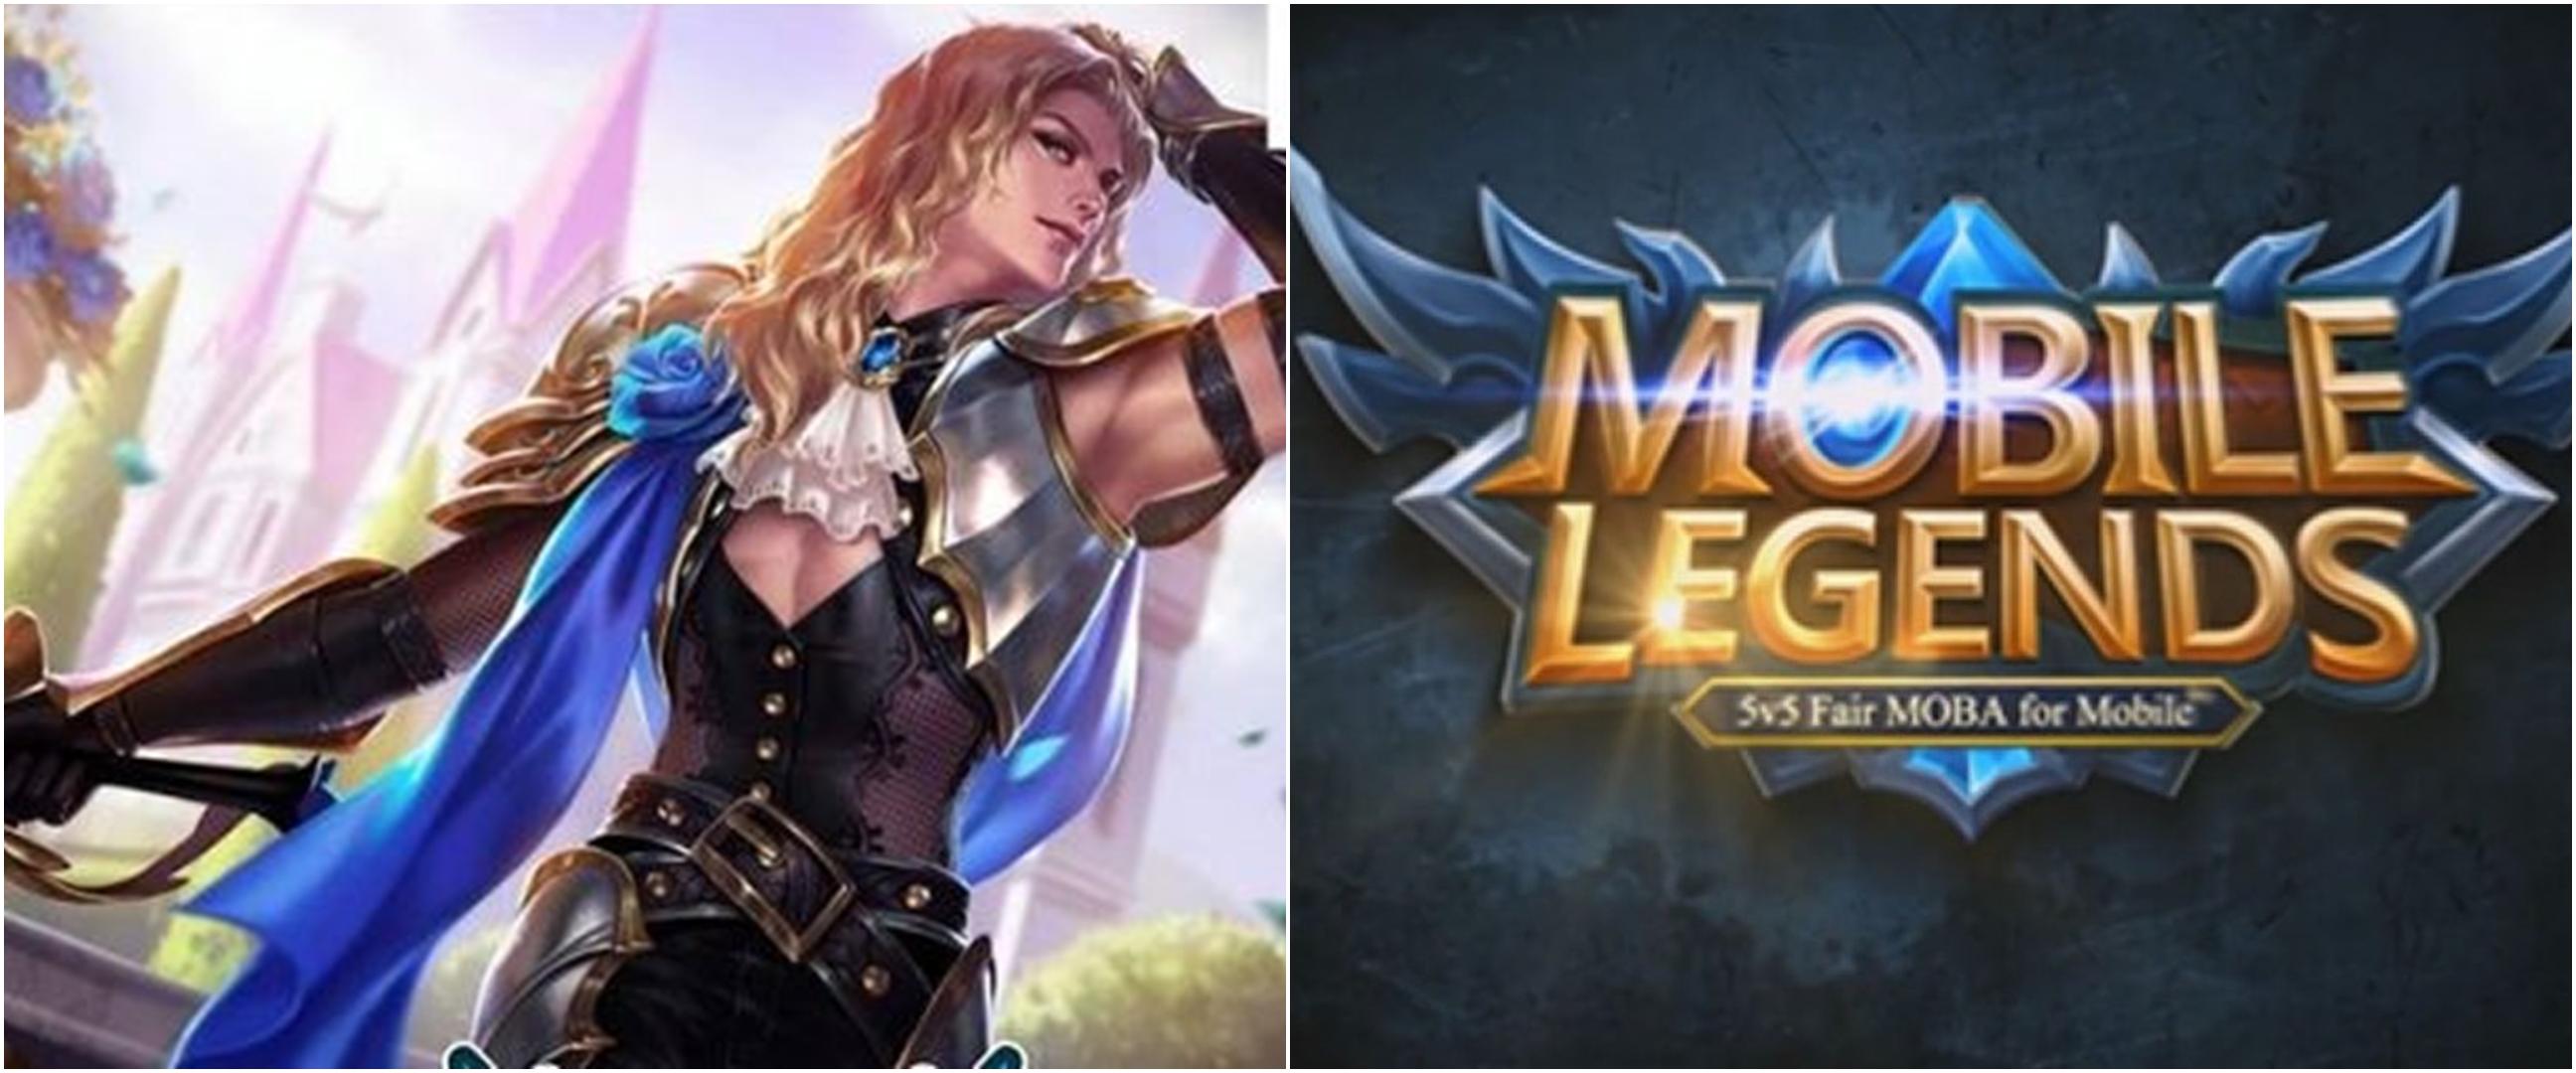 5 Hero Mobile Legends paling berbahaya saat war, gamers wajib bisa